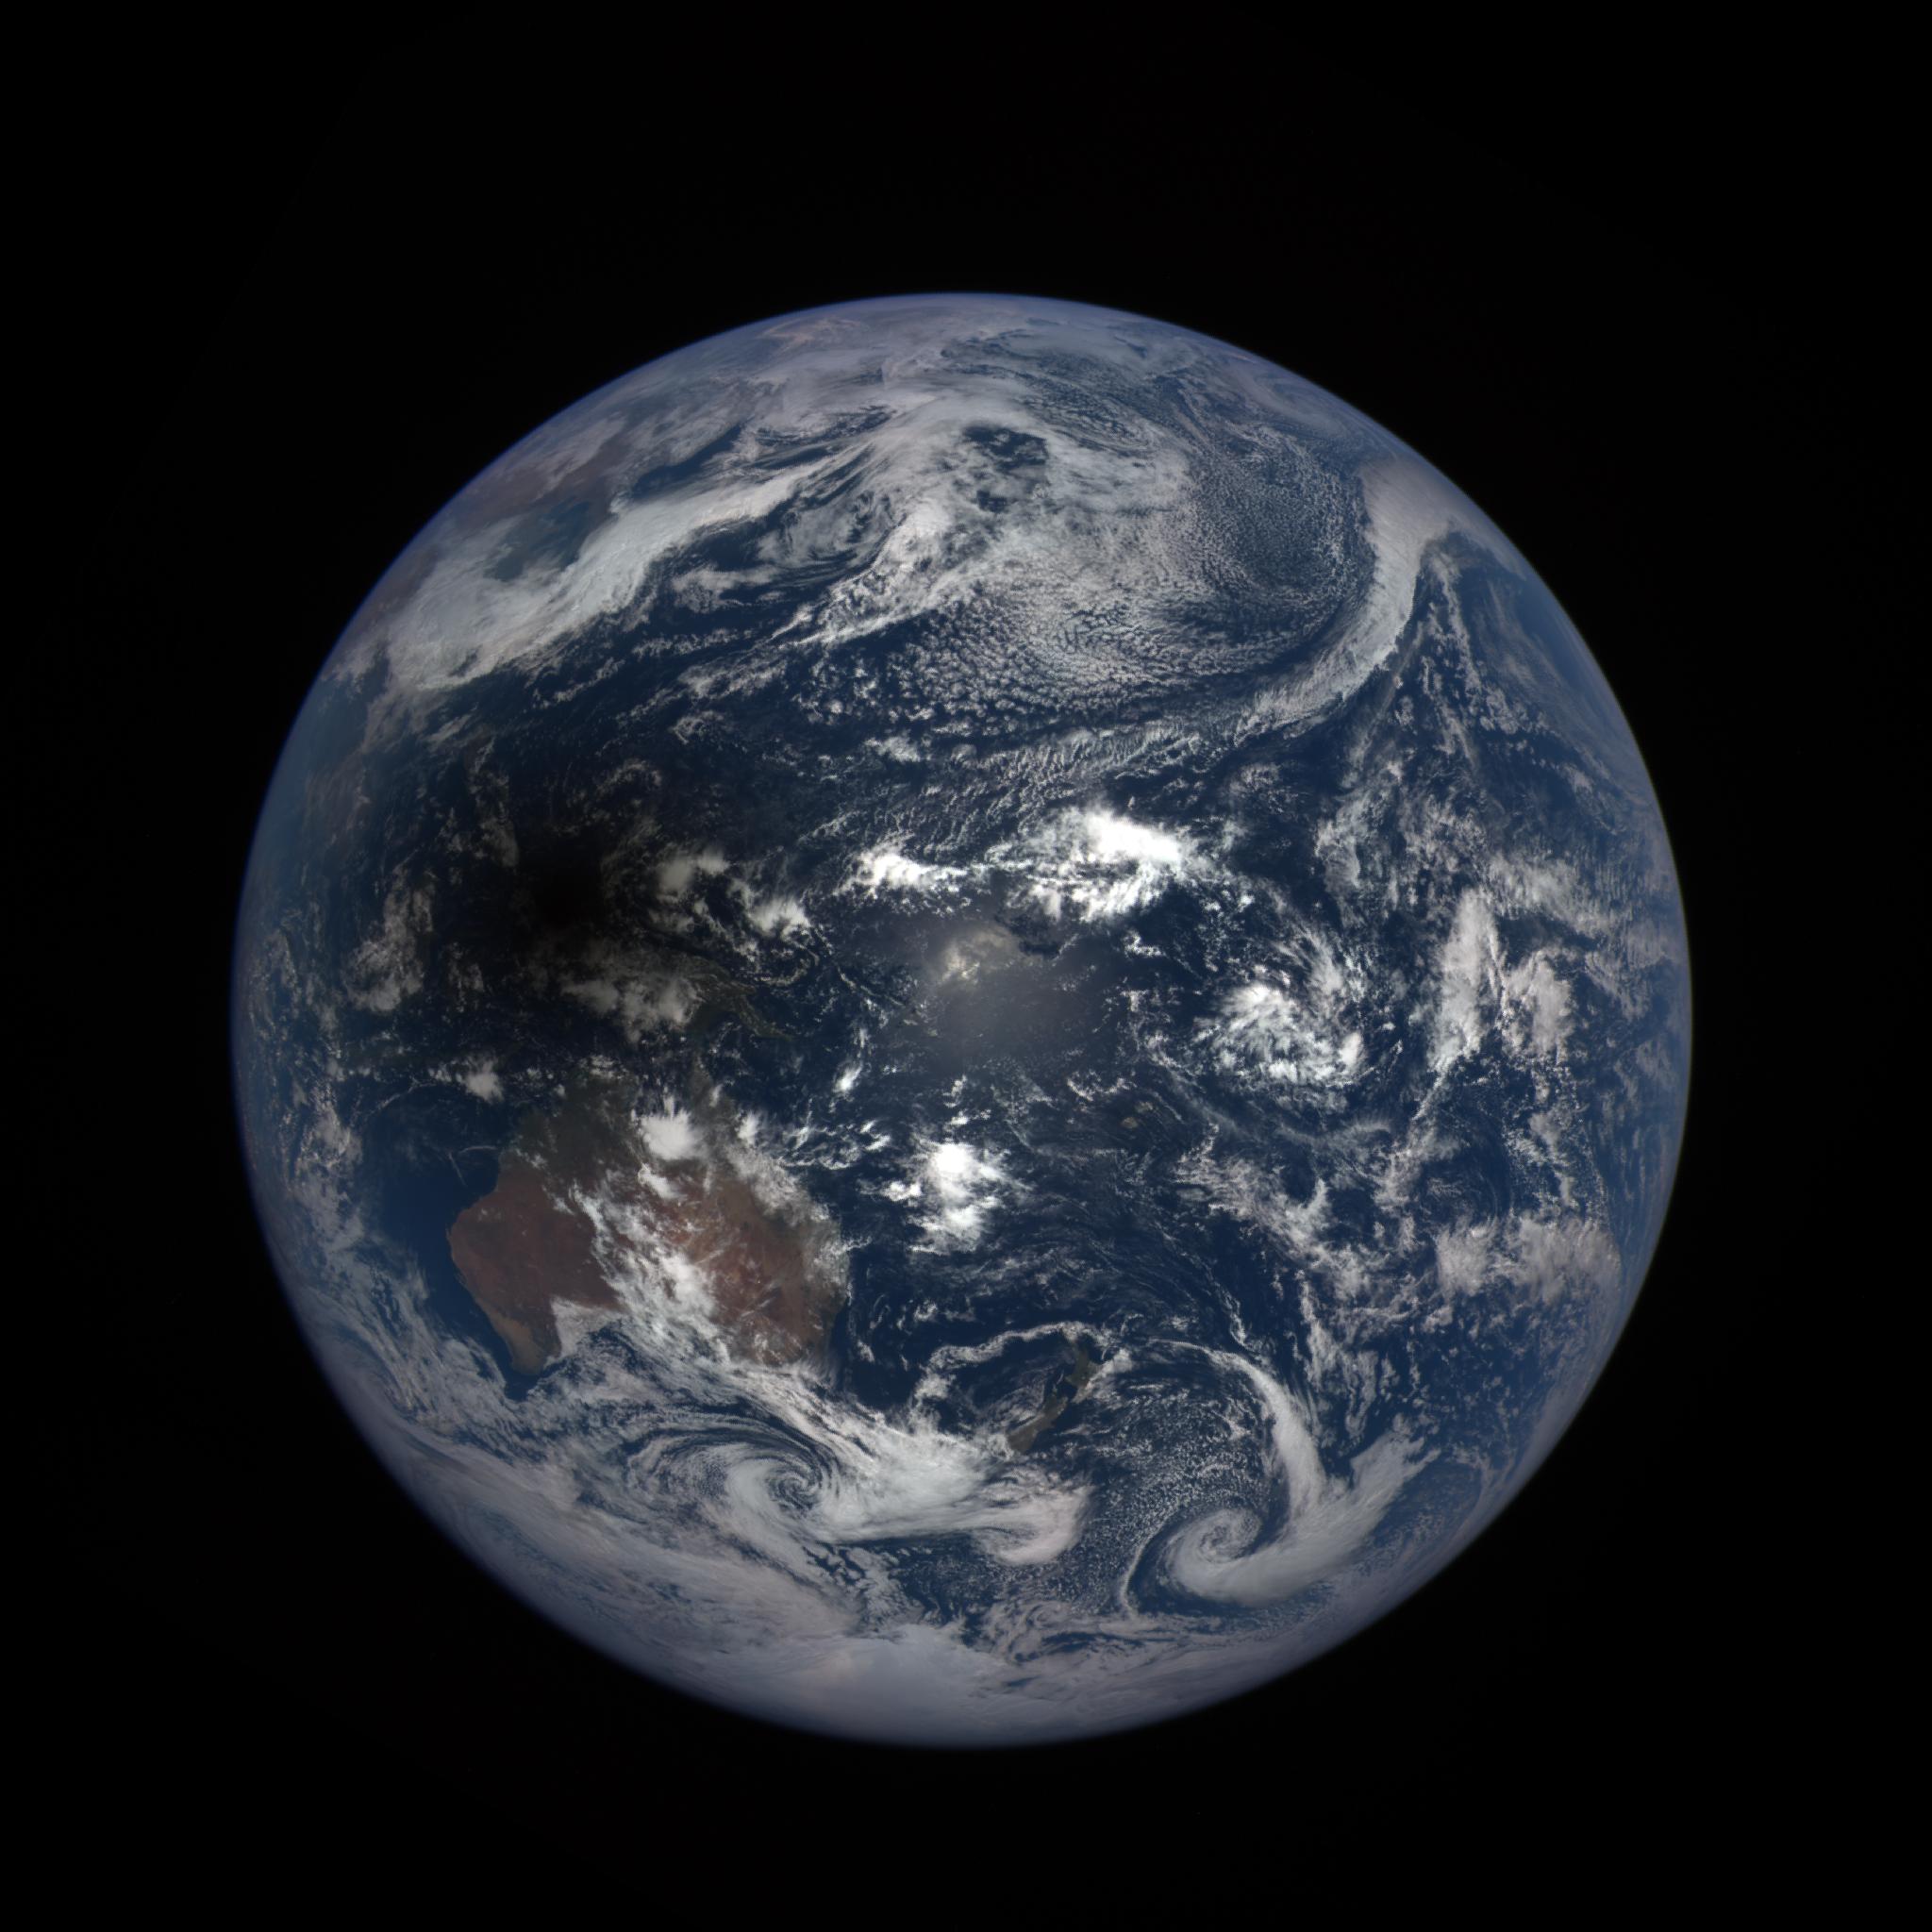 nasa visible solar system - photo #39